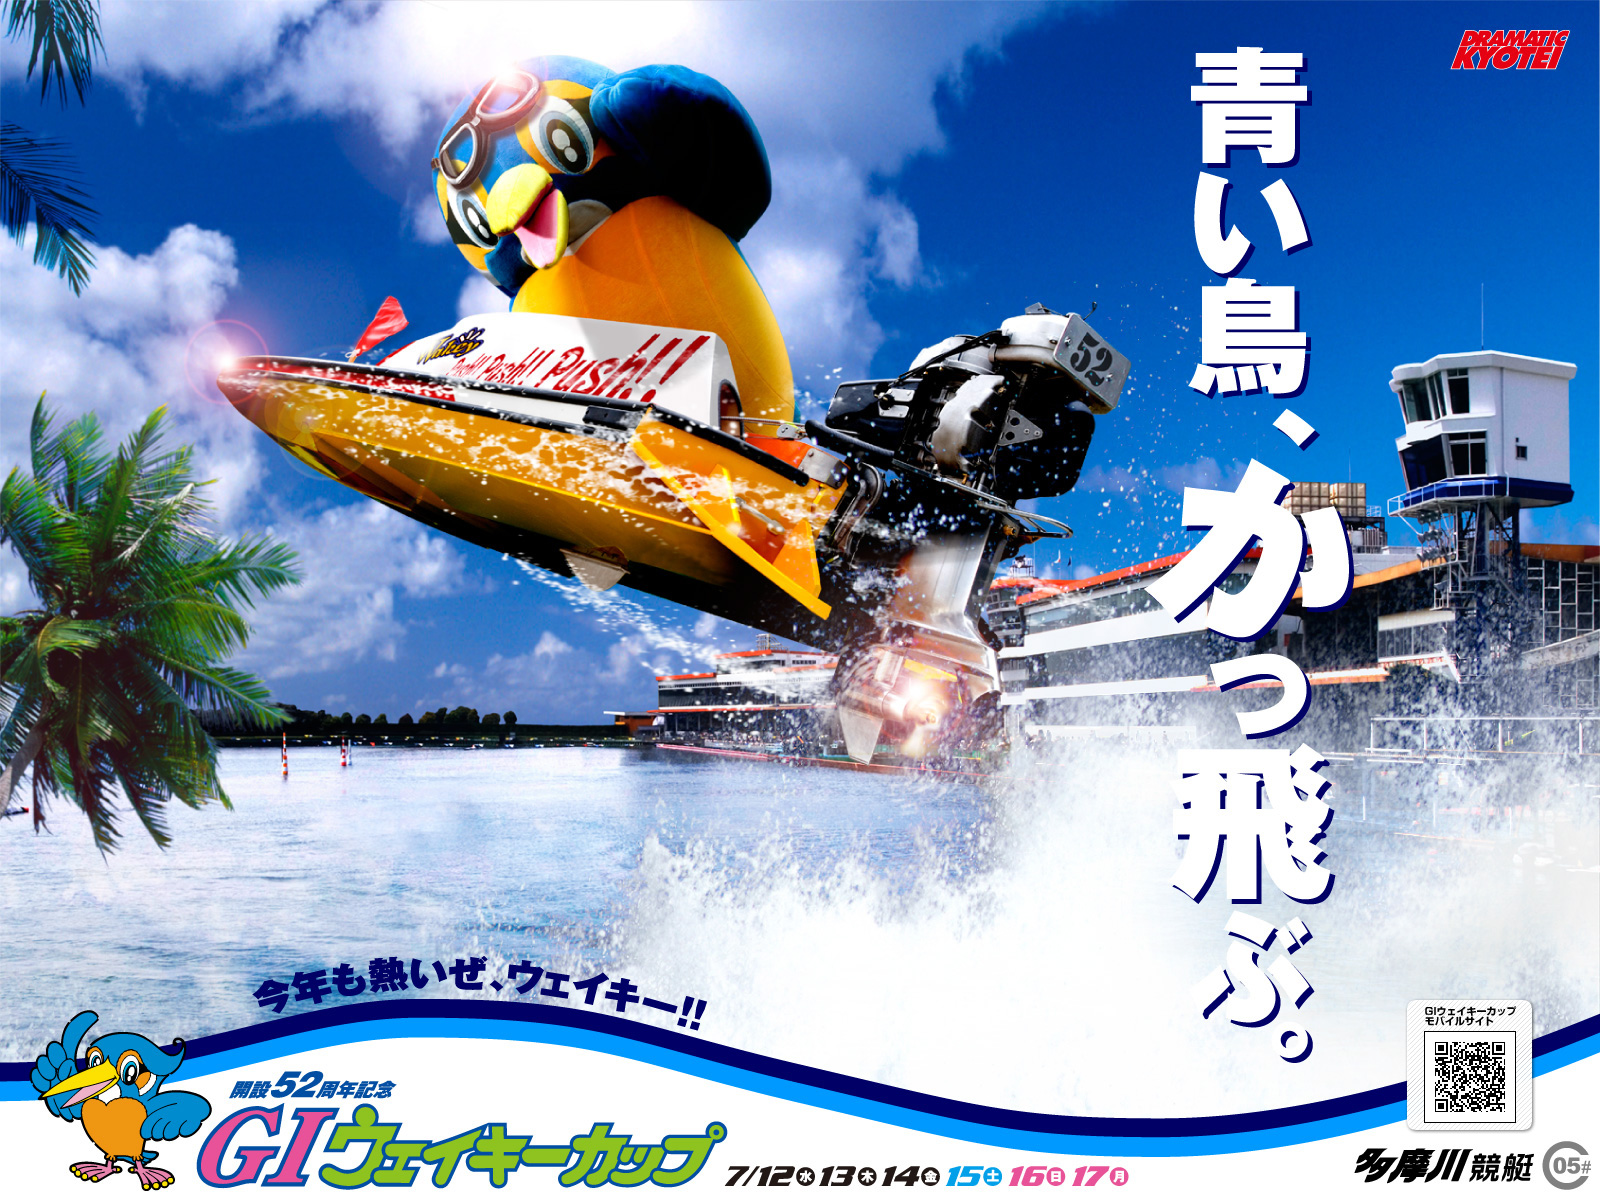 結果 多摩川 競艇